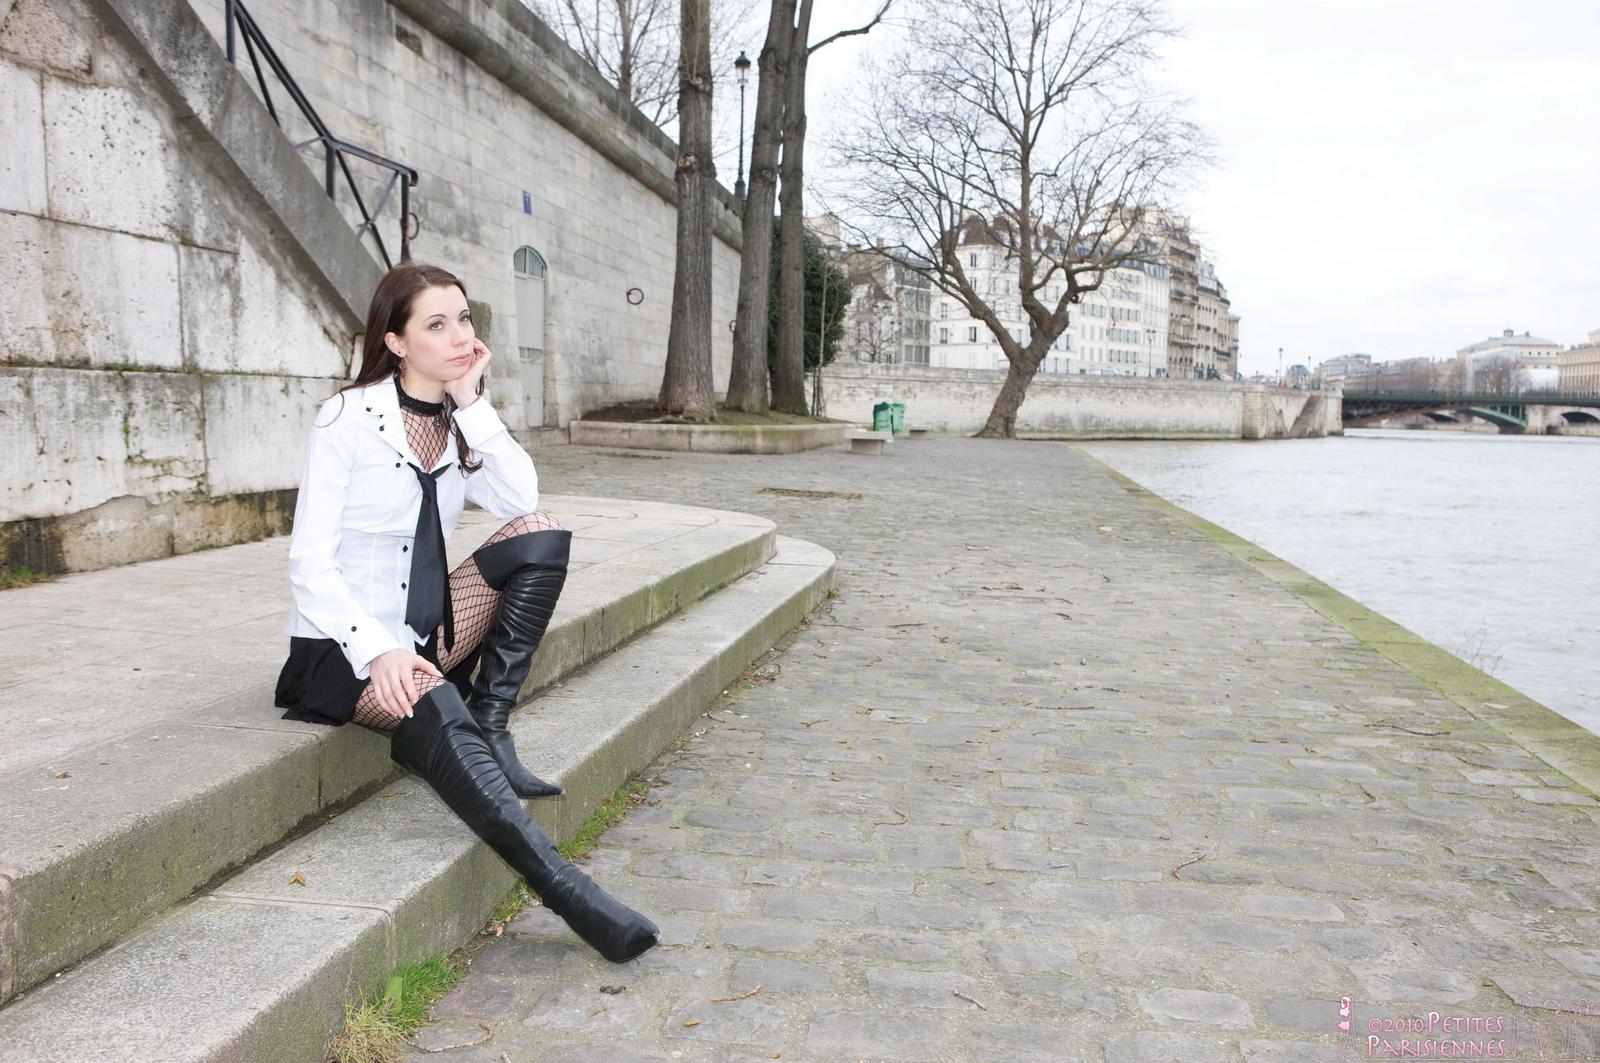 laetitia-fishnet-bodystocking-public-nude-river-petites-parisiennes-04